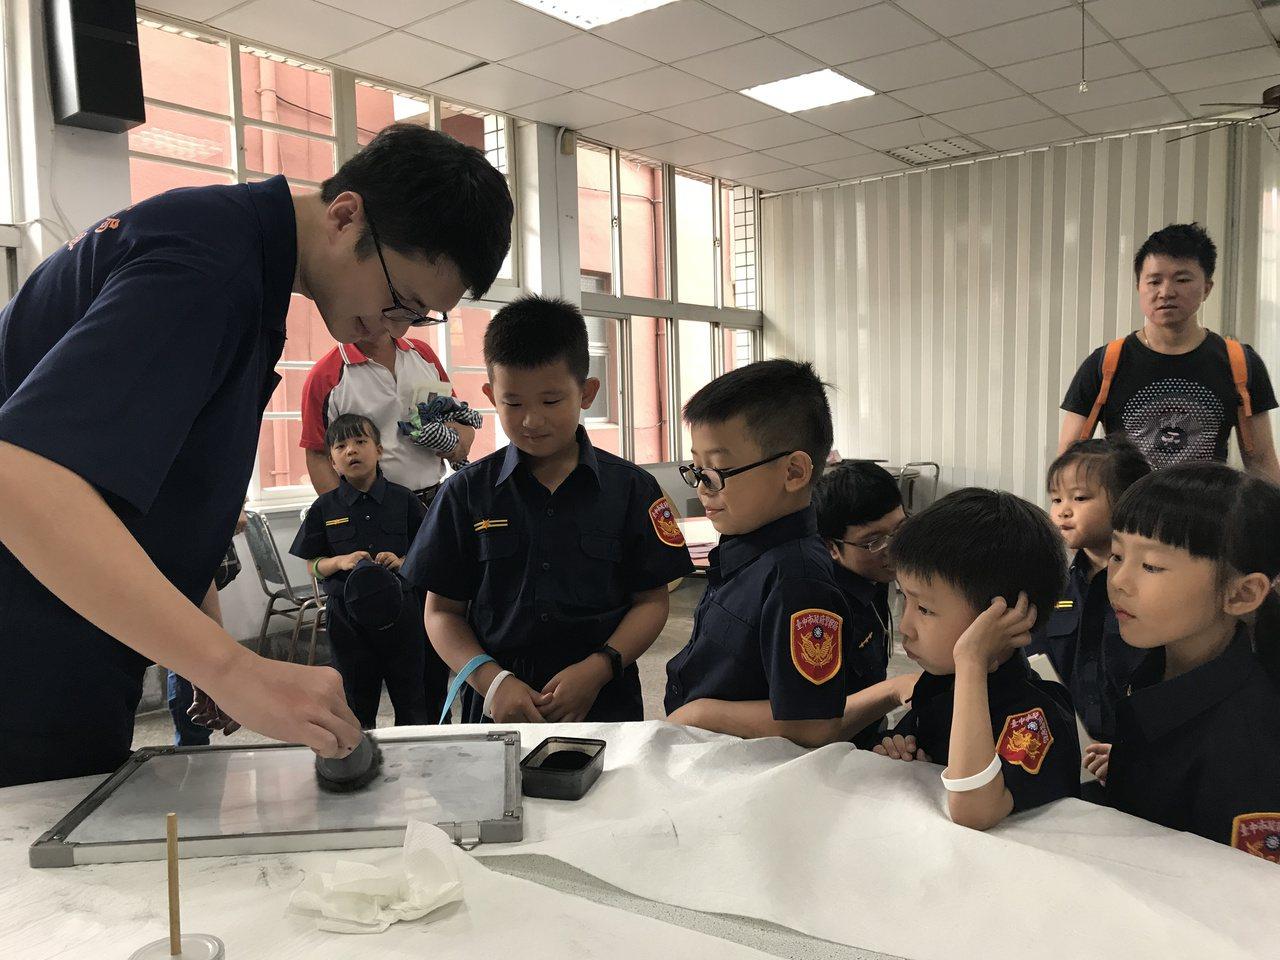 小朋友在鑑識闖關相當專注,安靜觀察碳粉的微妙變化。記者林佩均/攝影